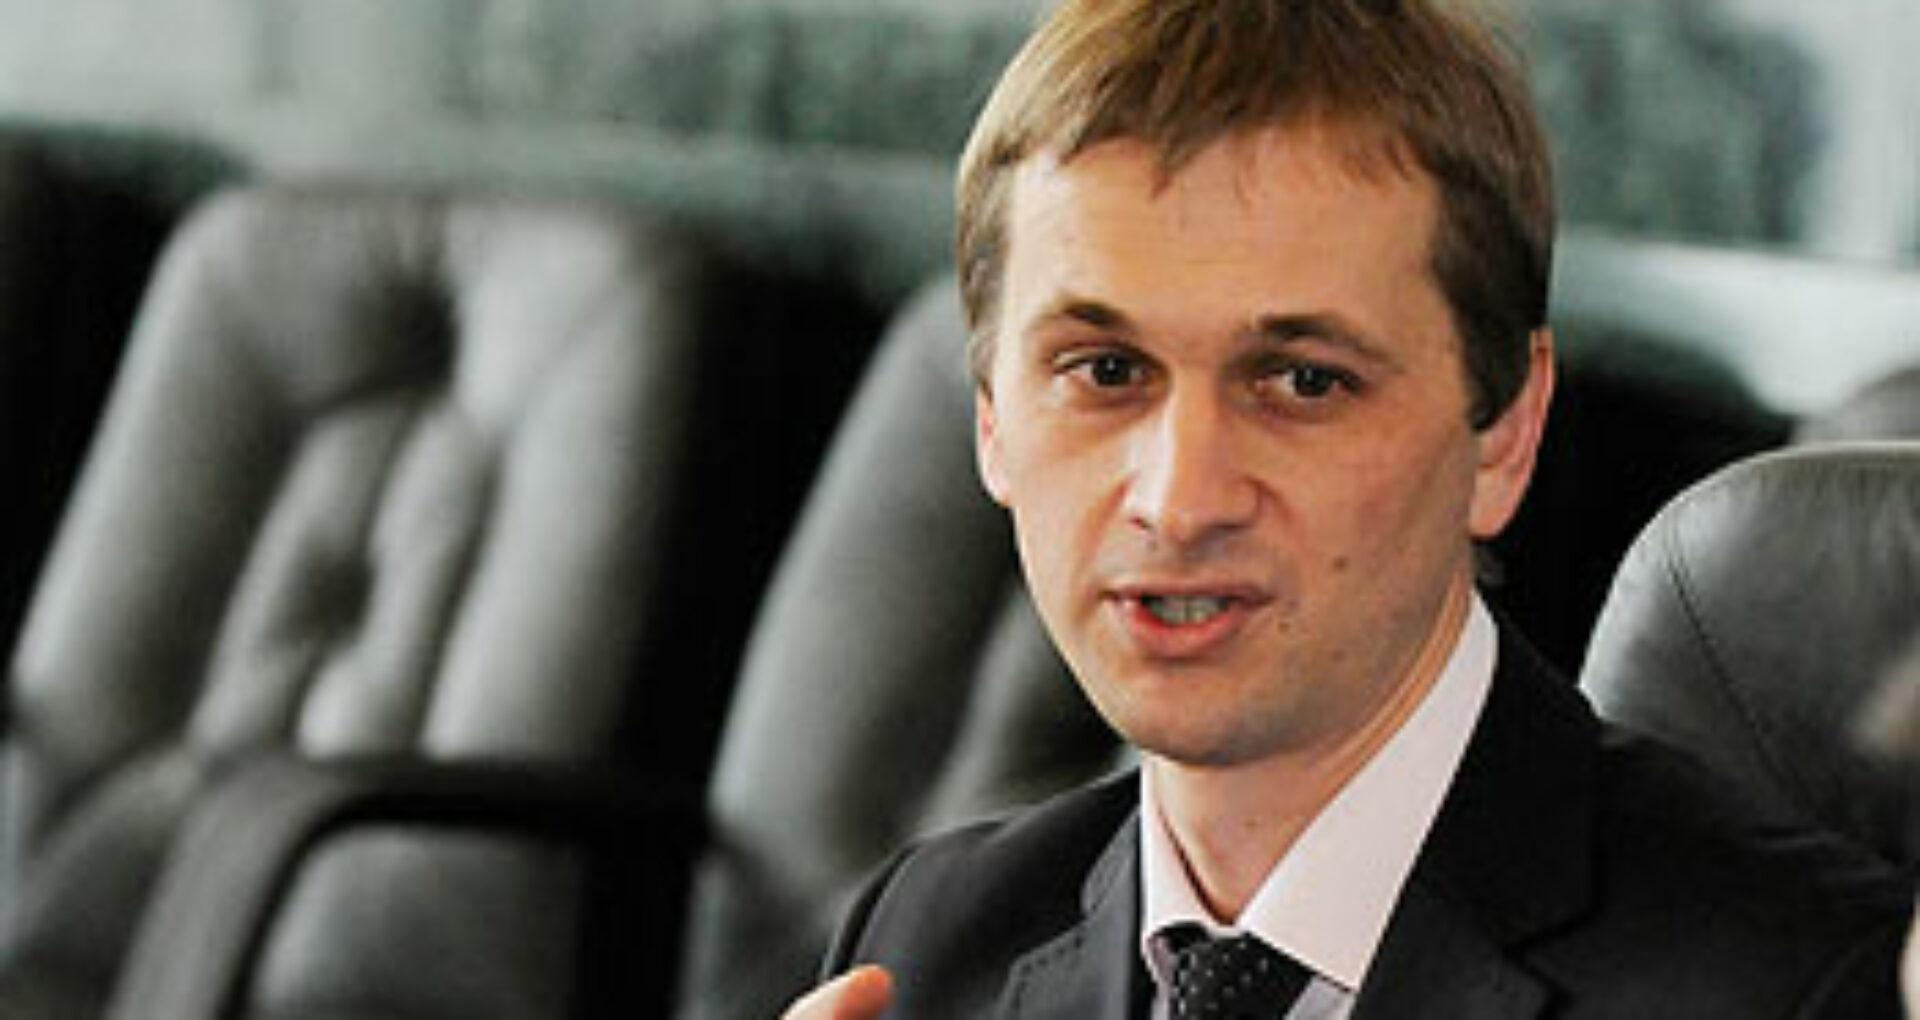 Înainte de demisie, la Nobil, Drăguțanu s-a întâlnit în secret cu Andrian Candu